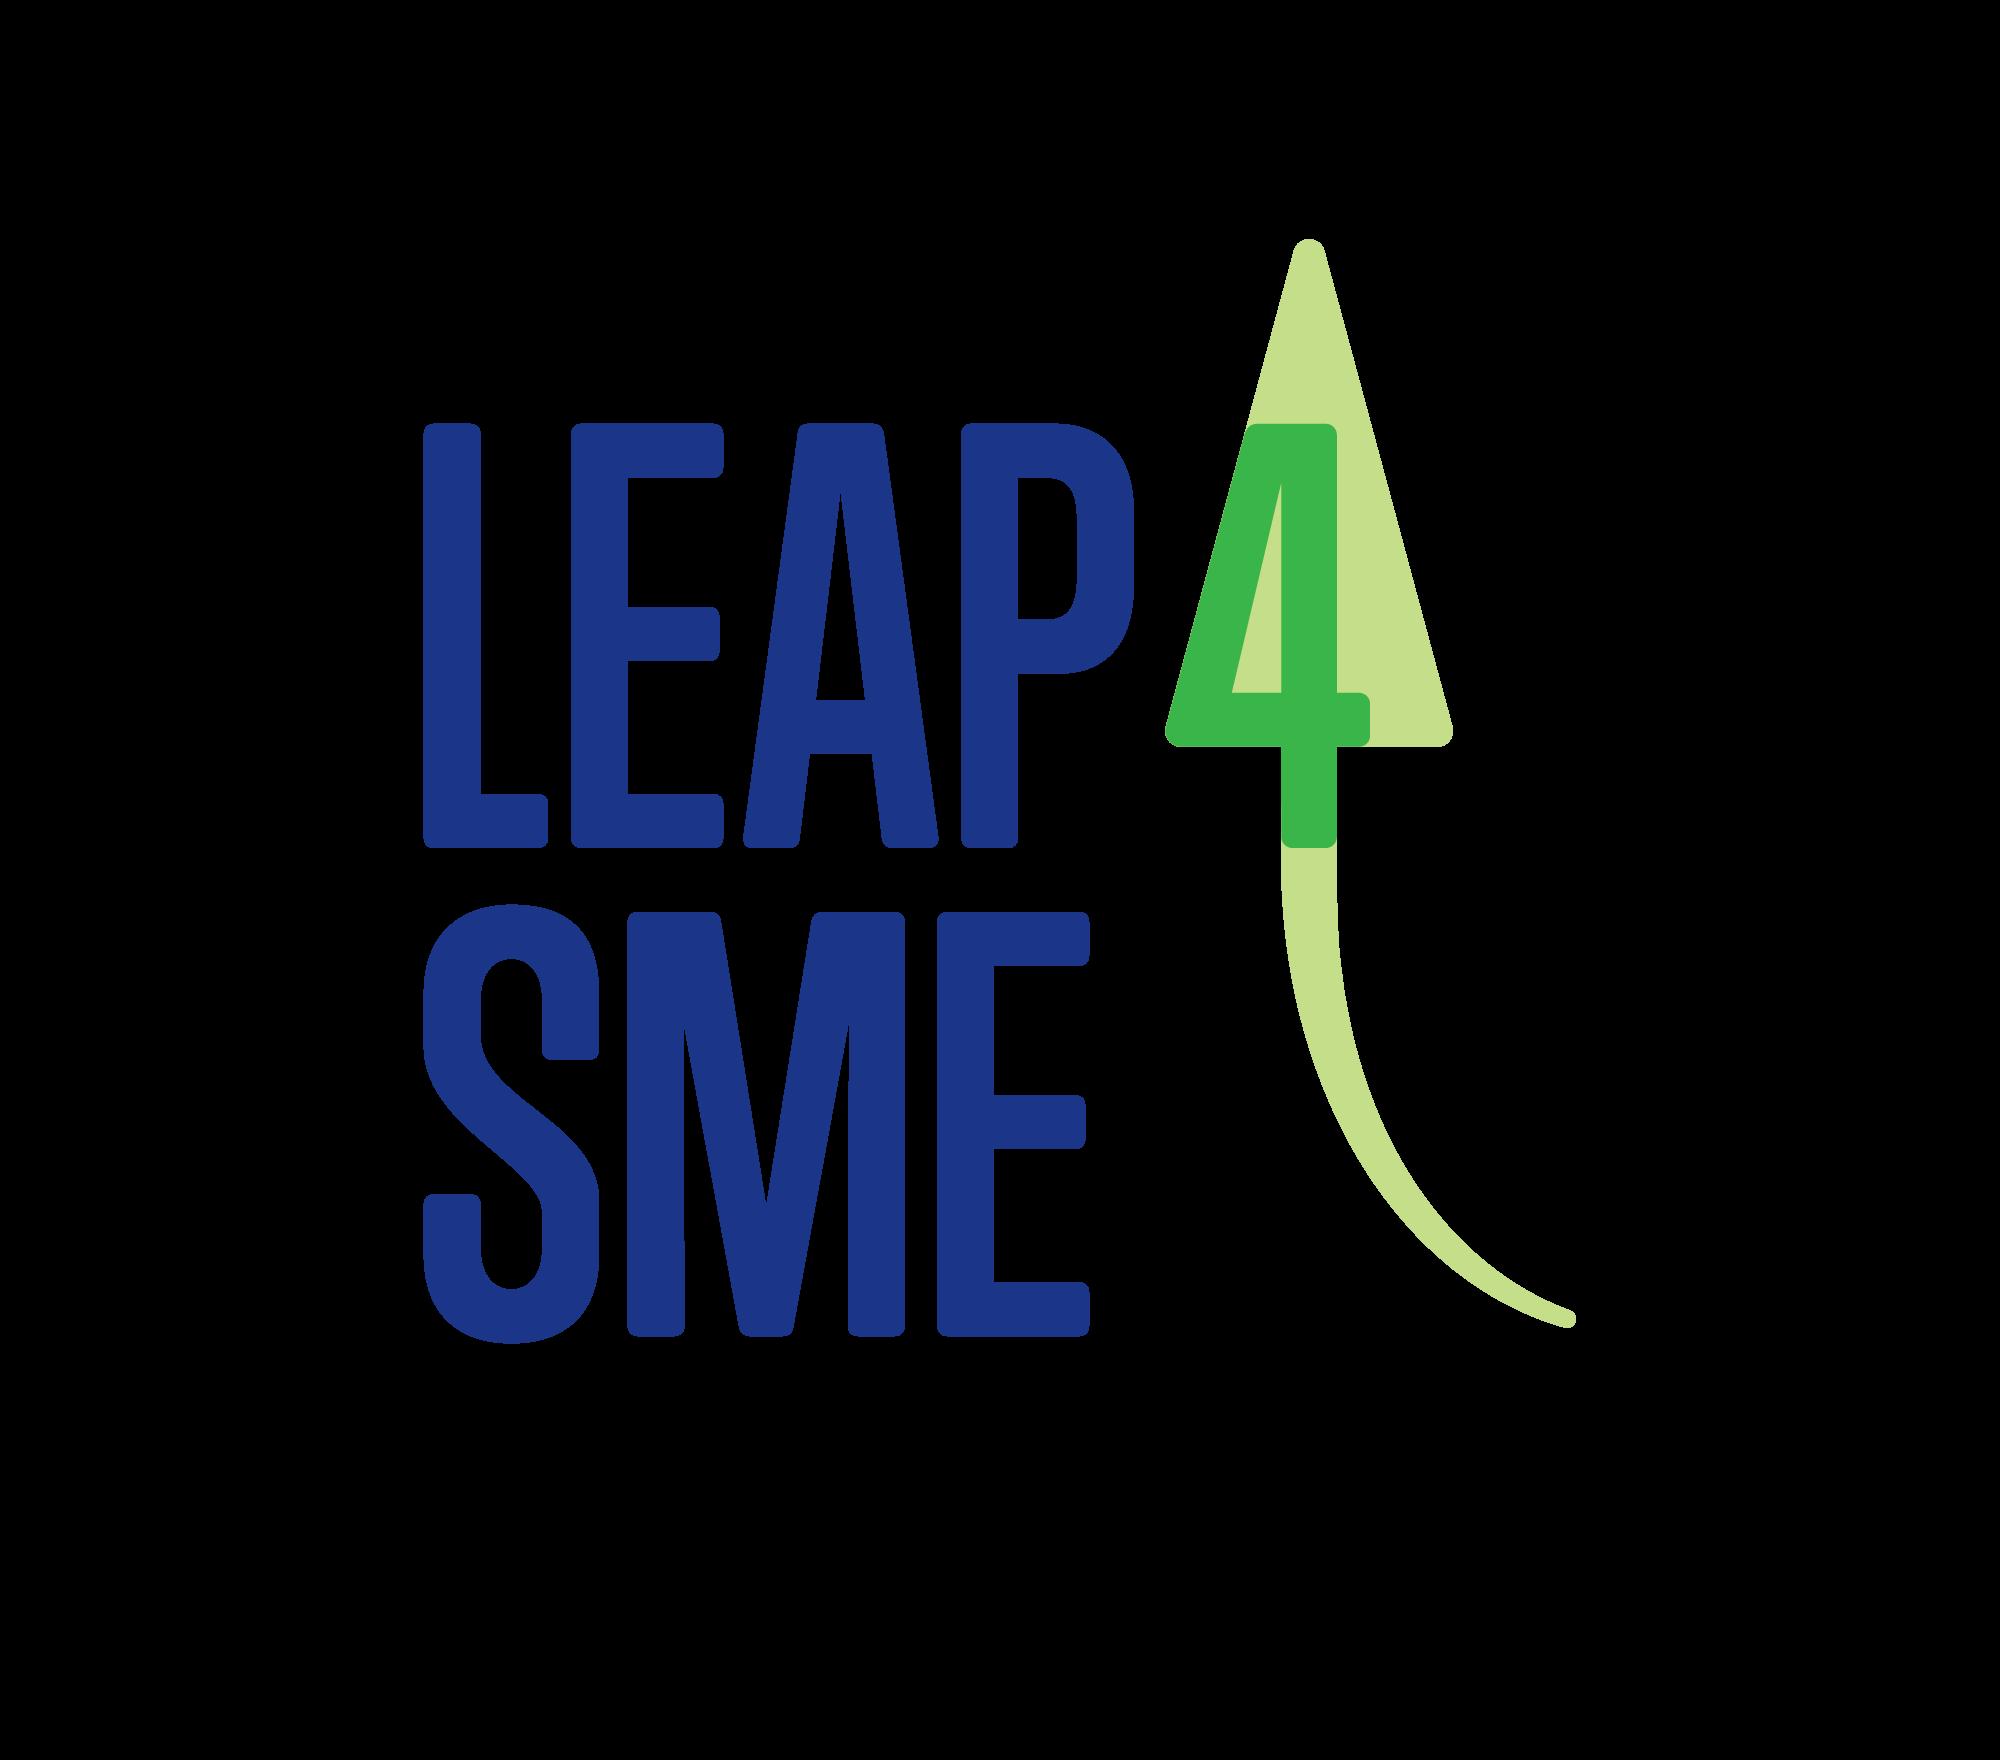 LEAP4SME